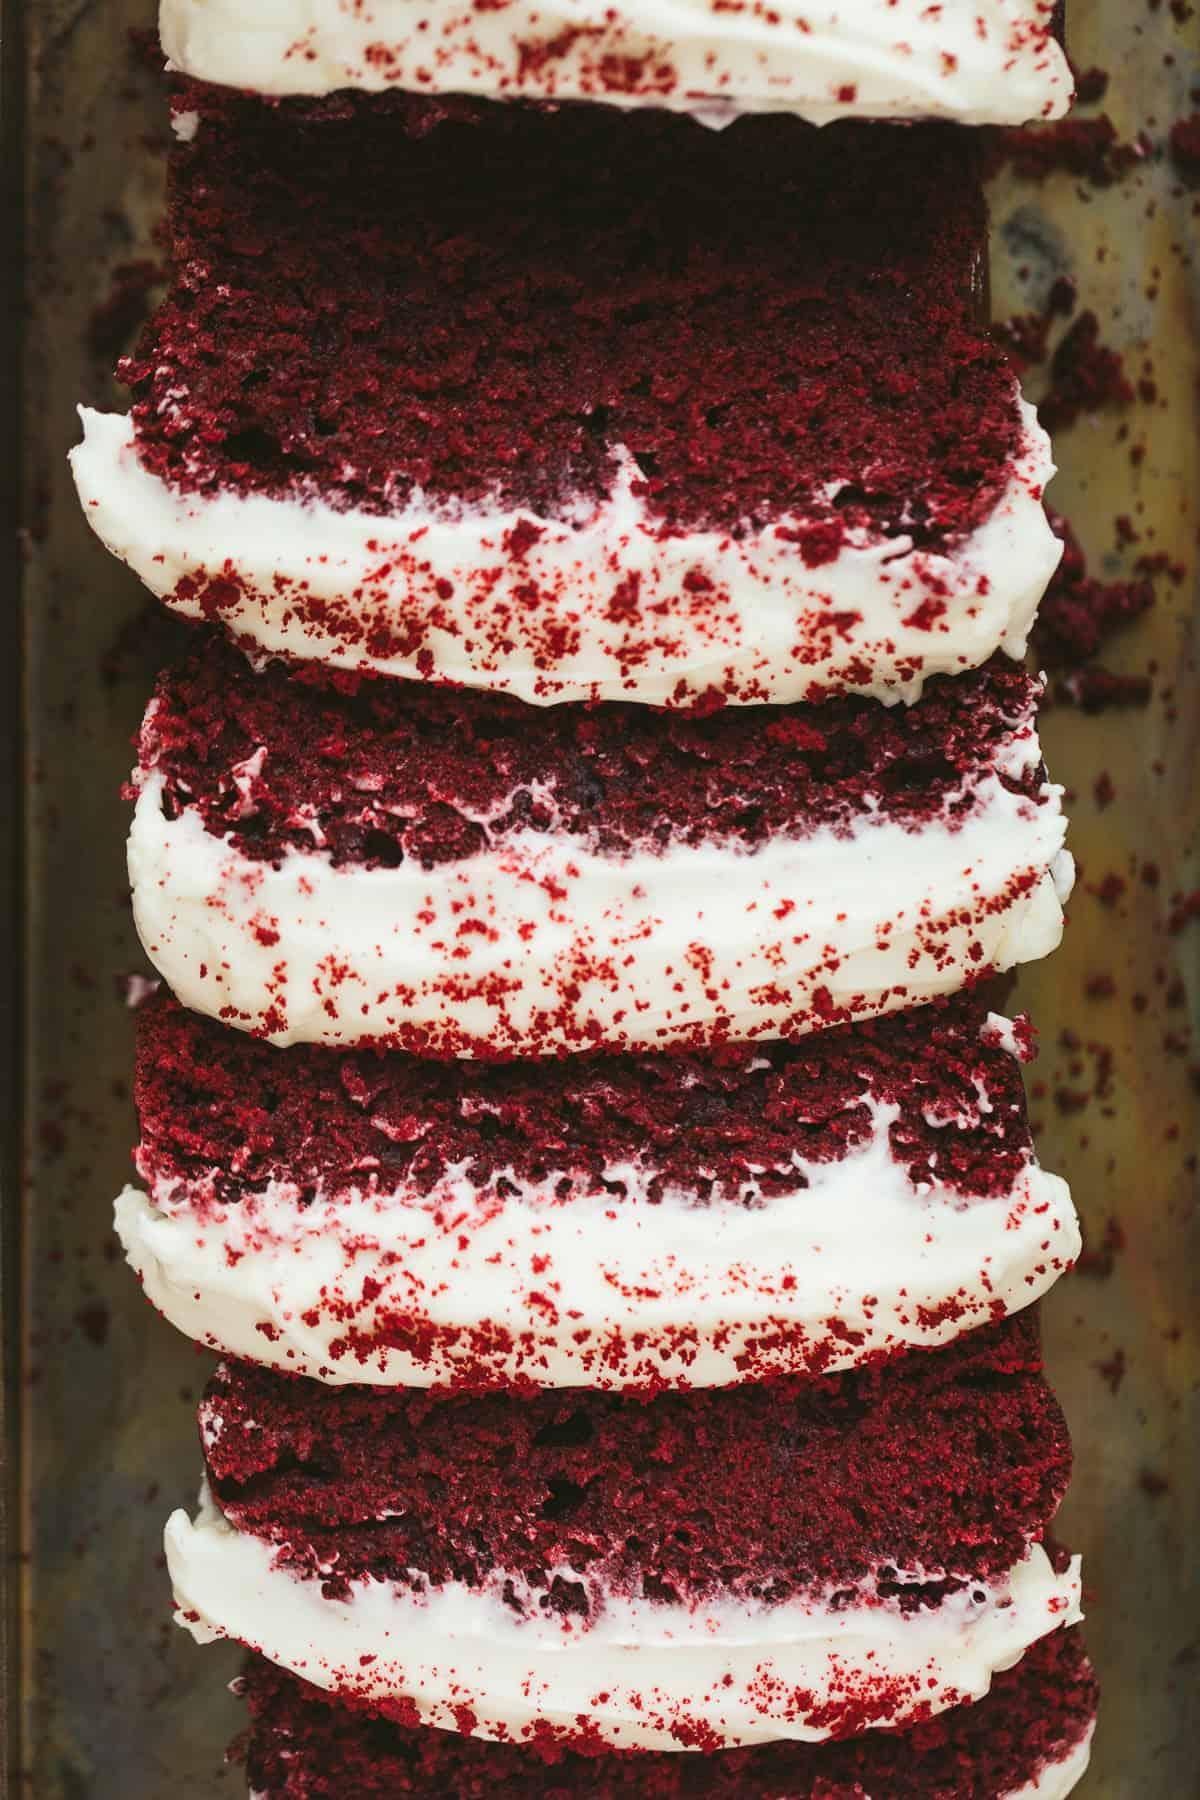 A sliced red velvet cake.